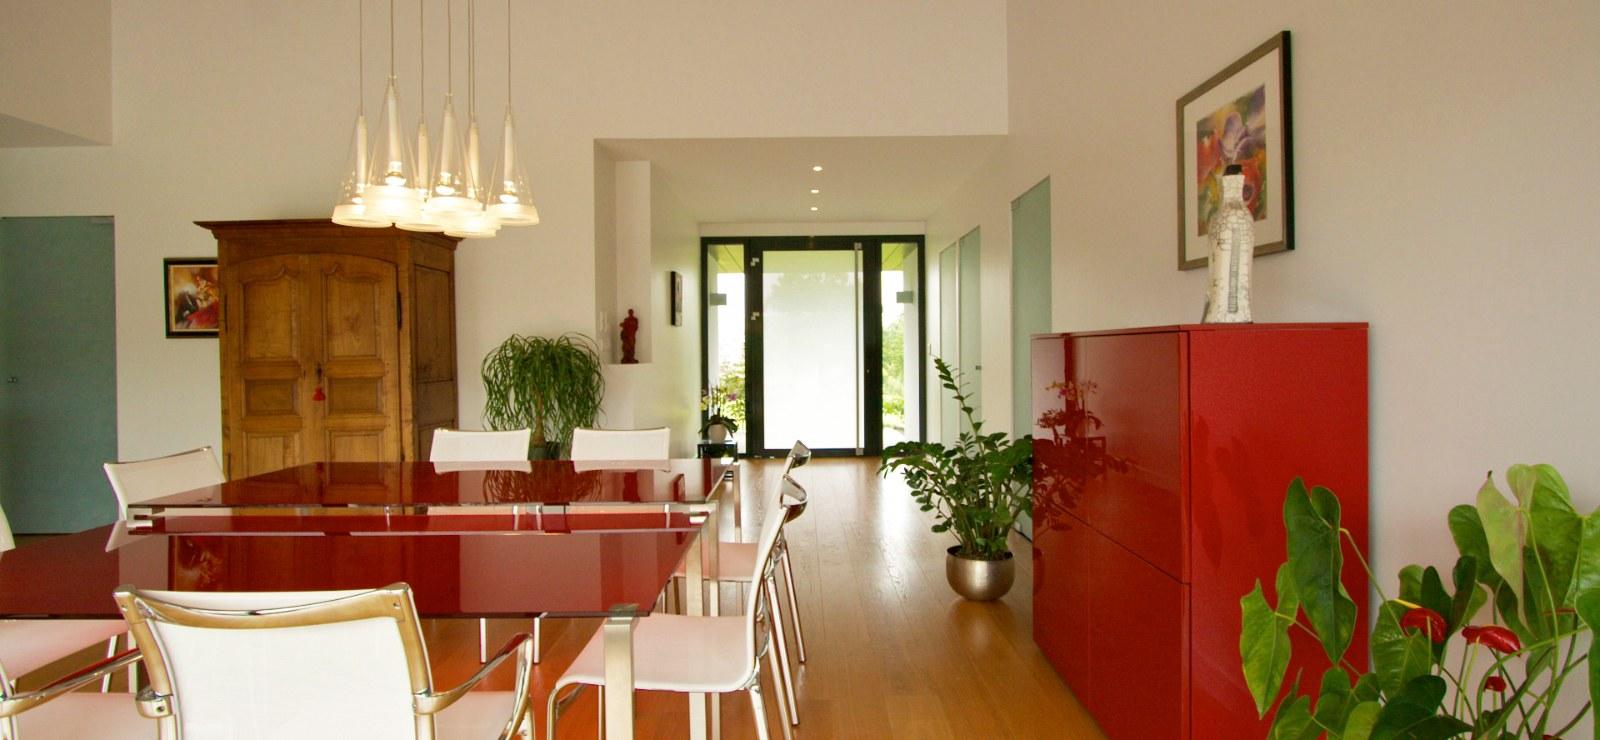 <span>Constructeur de maisons </span>dans le Cantal depuis 30 ans